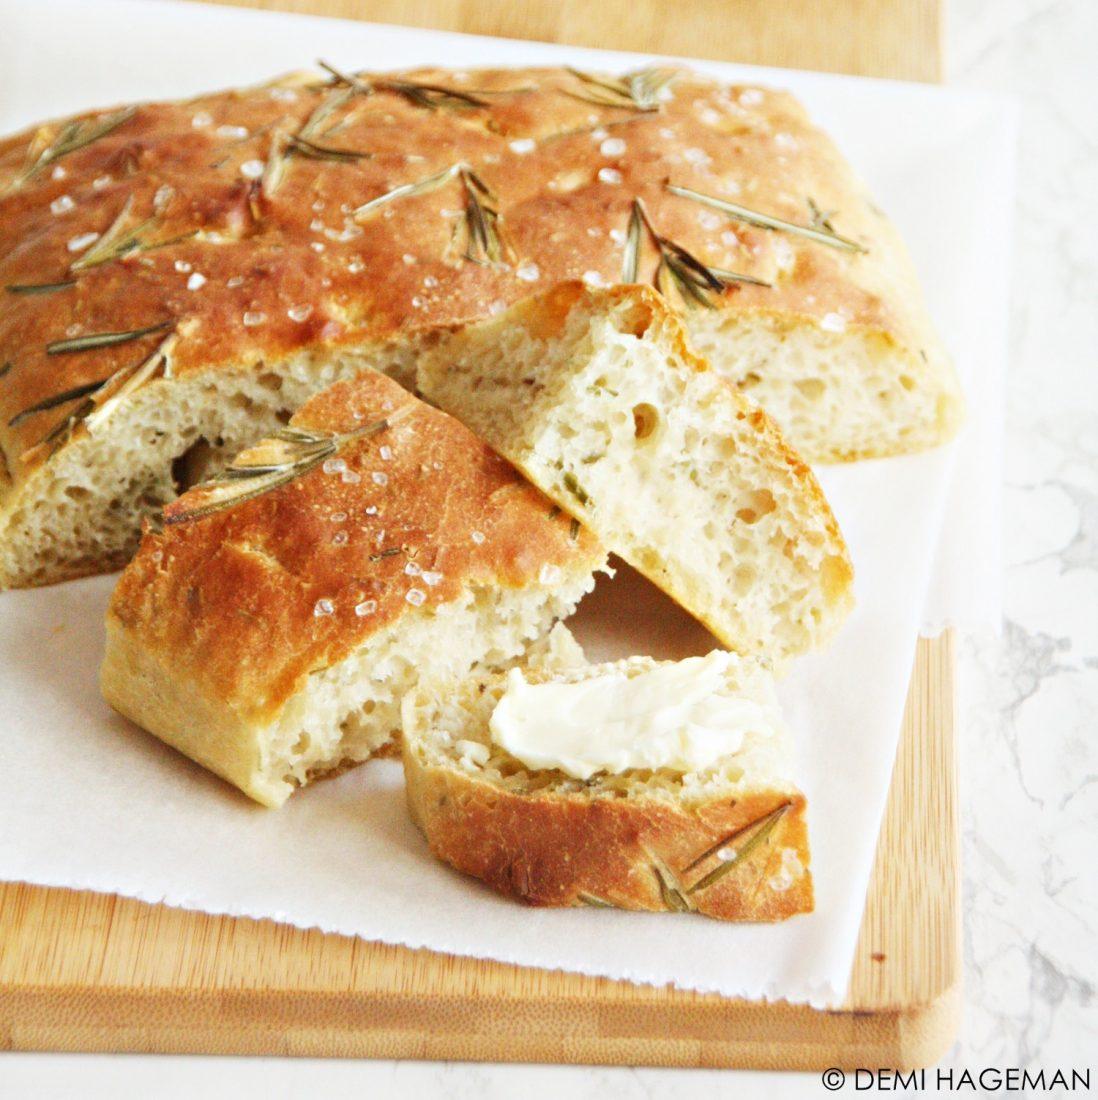 rozemarijnbrood zonder kneden